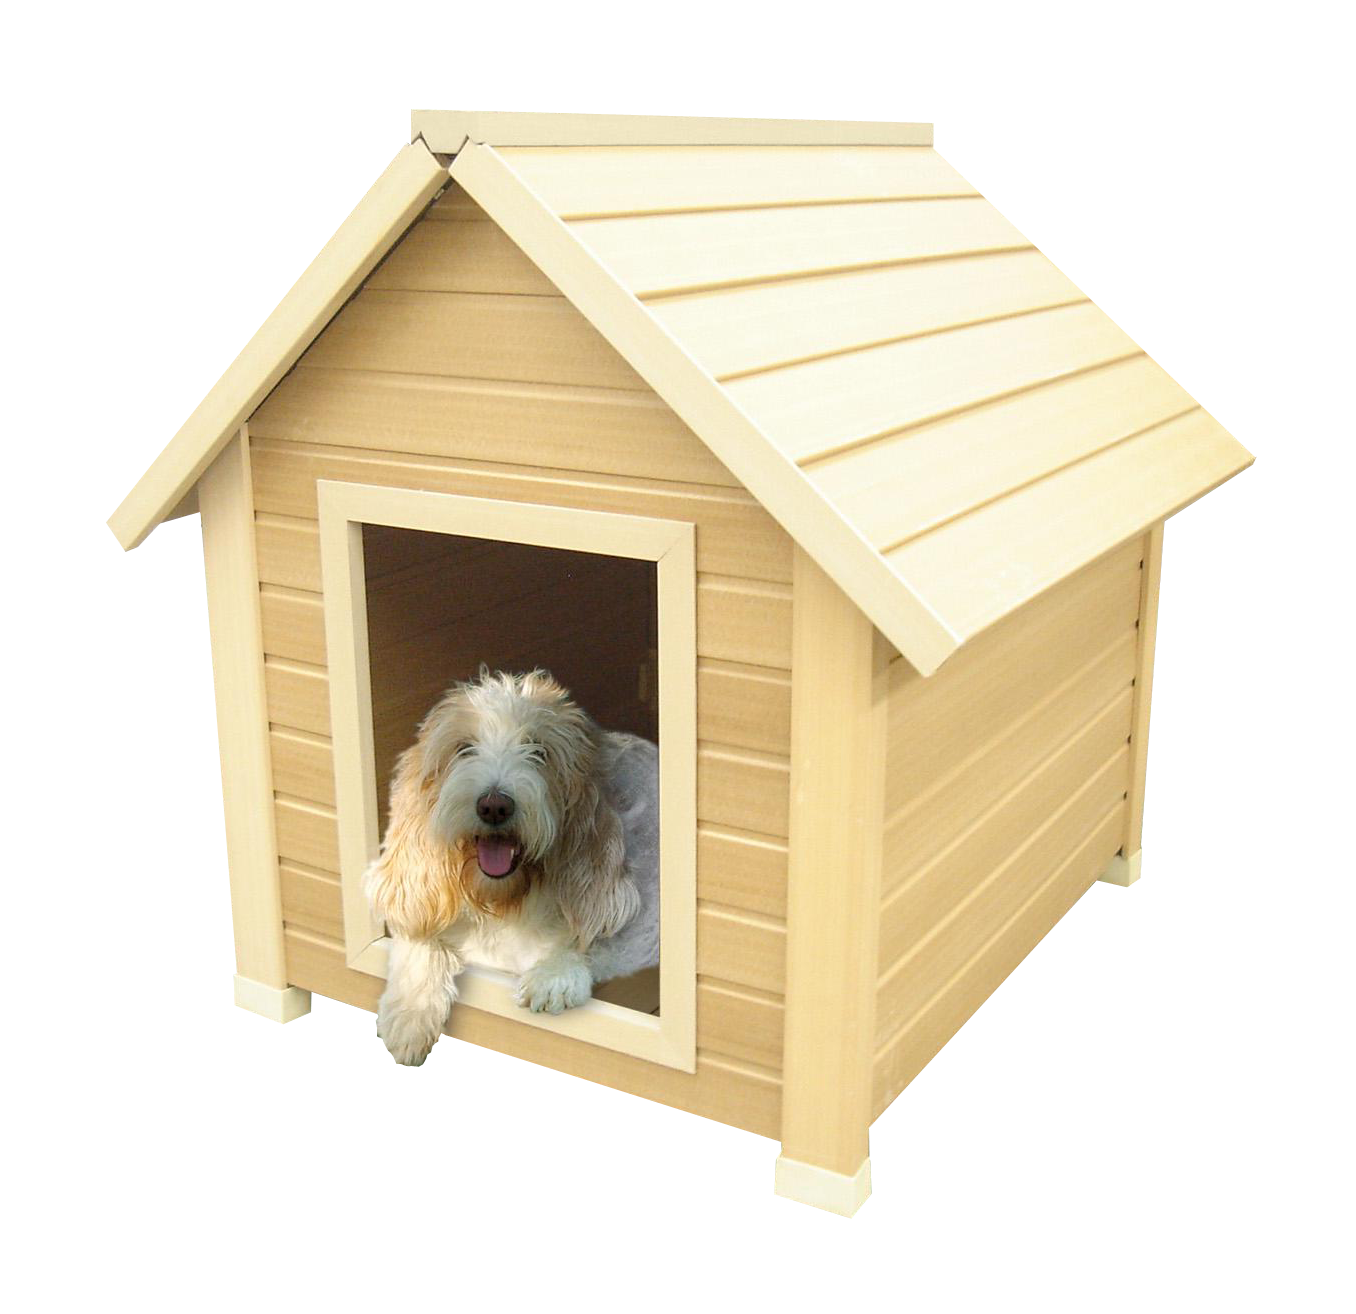 Dog House Png Image Dog House Dogs Image